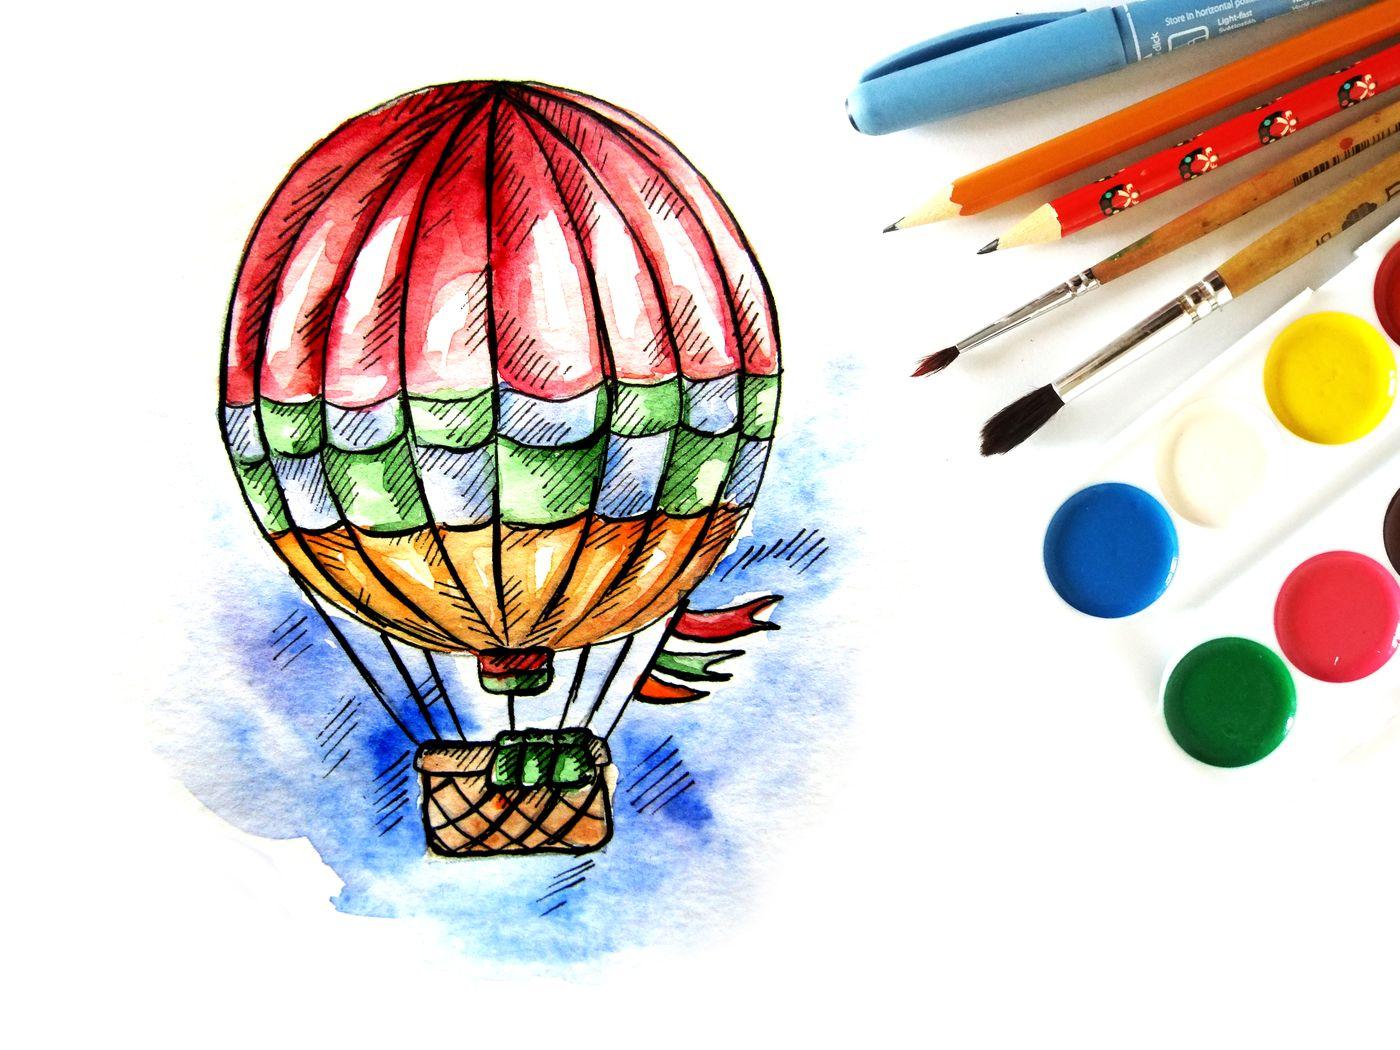 Как нарисовать воздушный шар с корзиной поэтапно